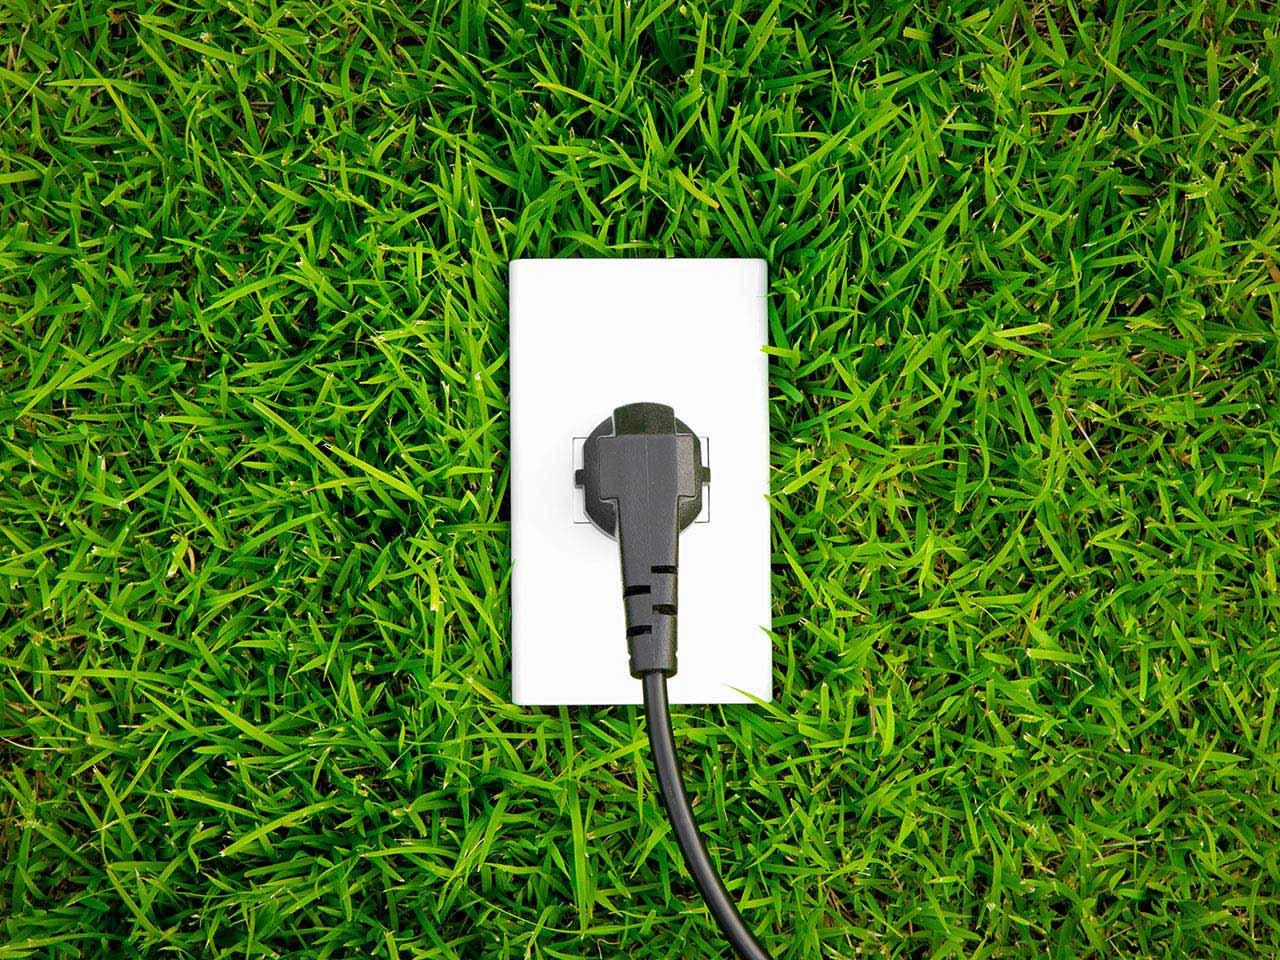 Vente d'électricité verte et locale